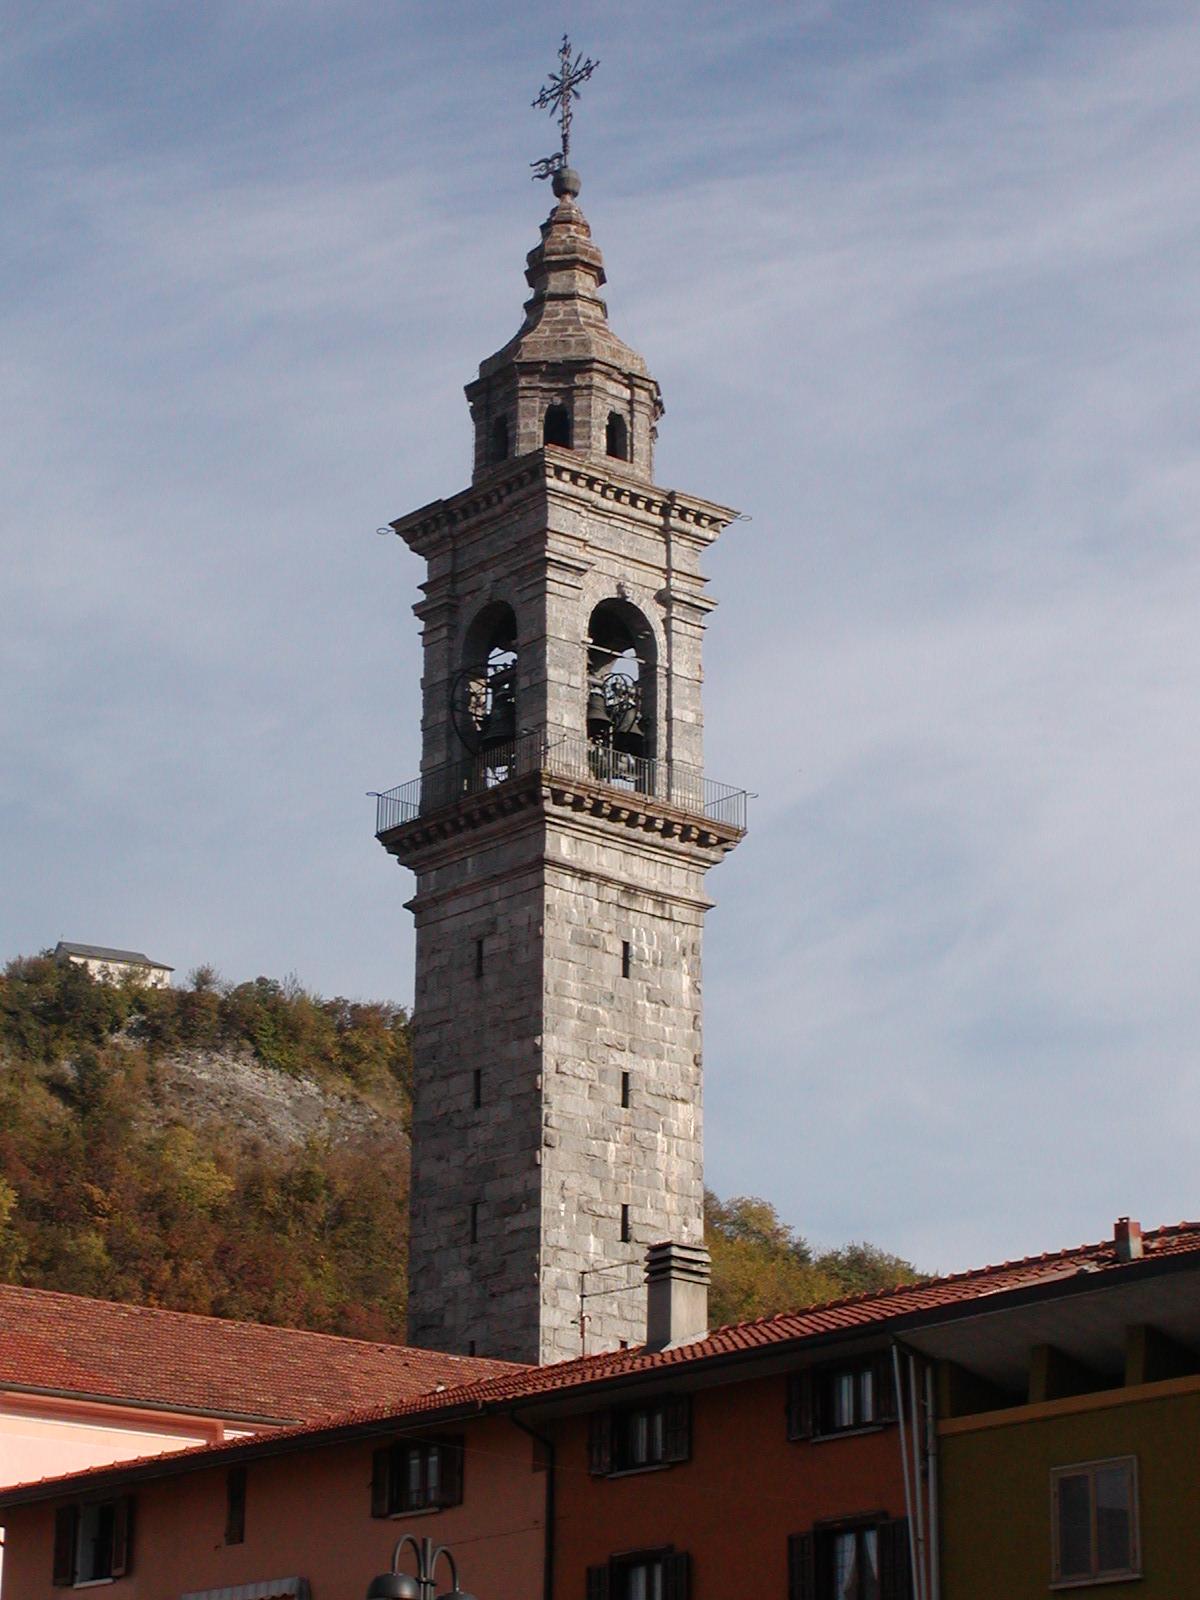 Studio-di-architettura-Baisotti-Sigala-prgetti211